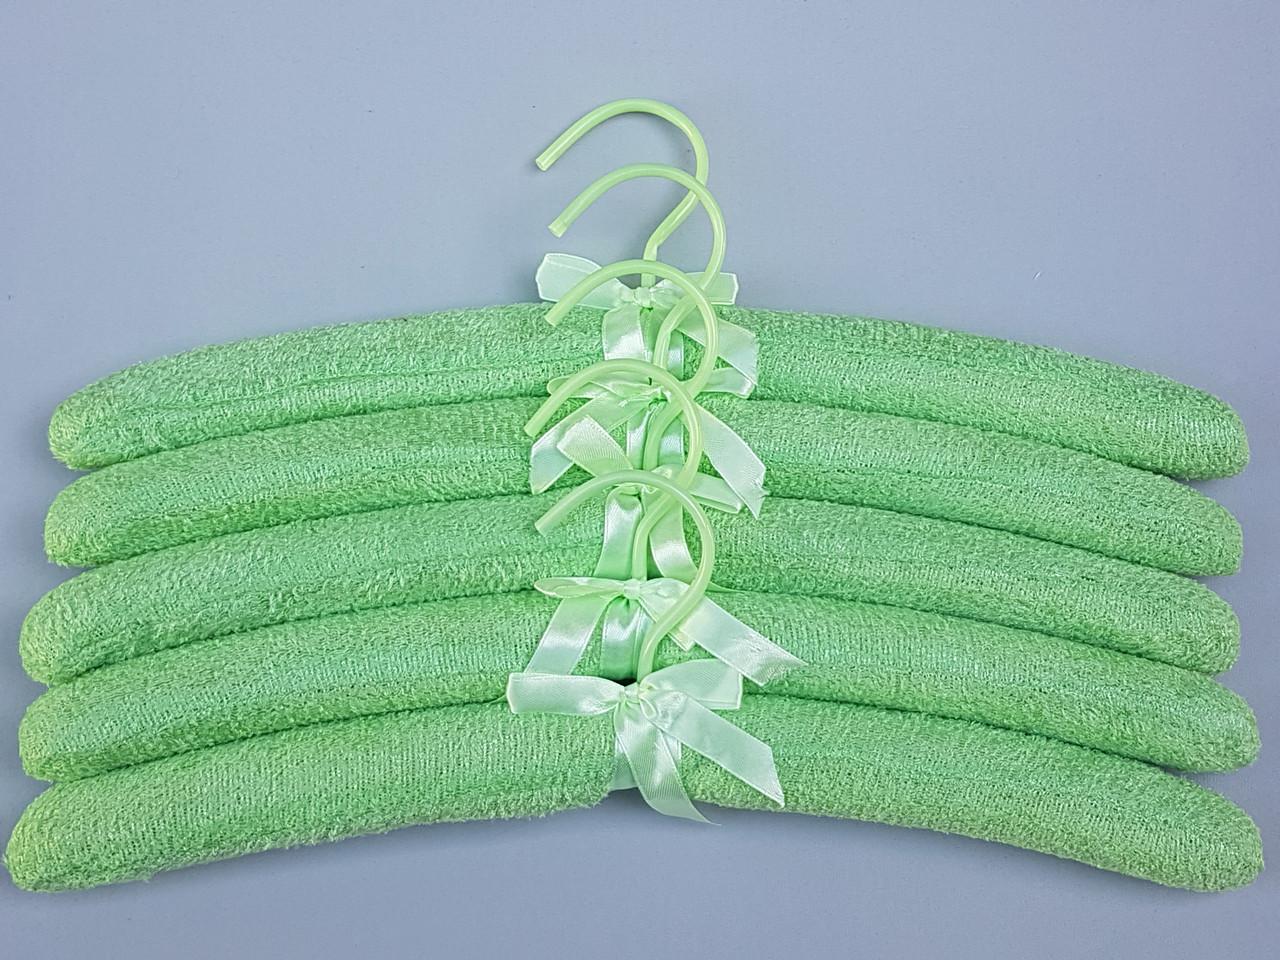 Плечики вешалки тремпеля мягкие махровые  для деликатных вещей салатового цвета, длина 38 см,в упаковке 5 штук